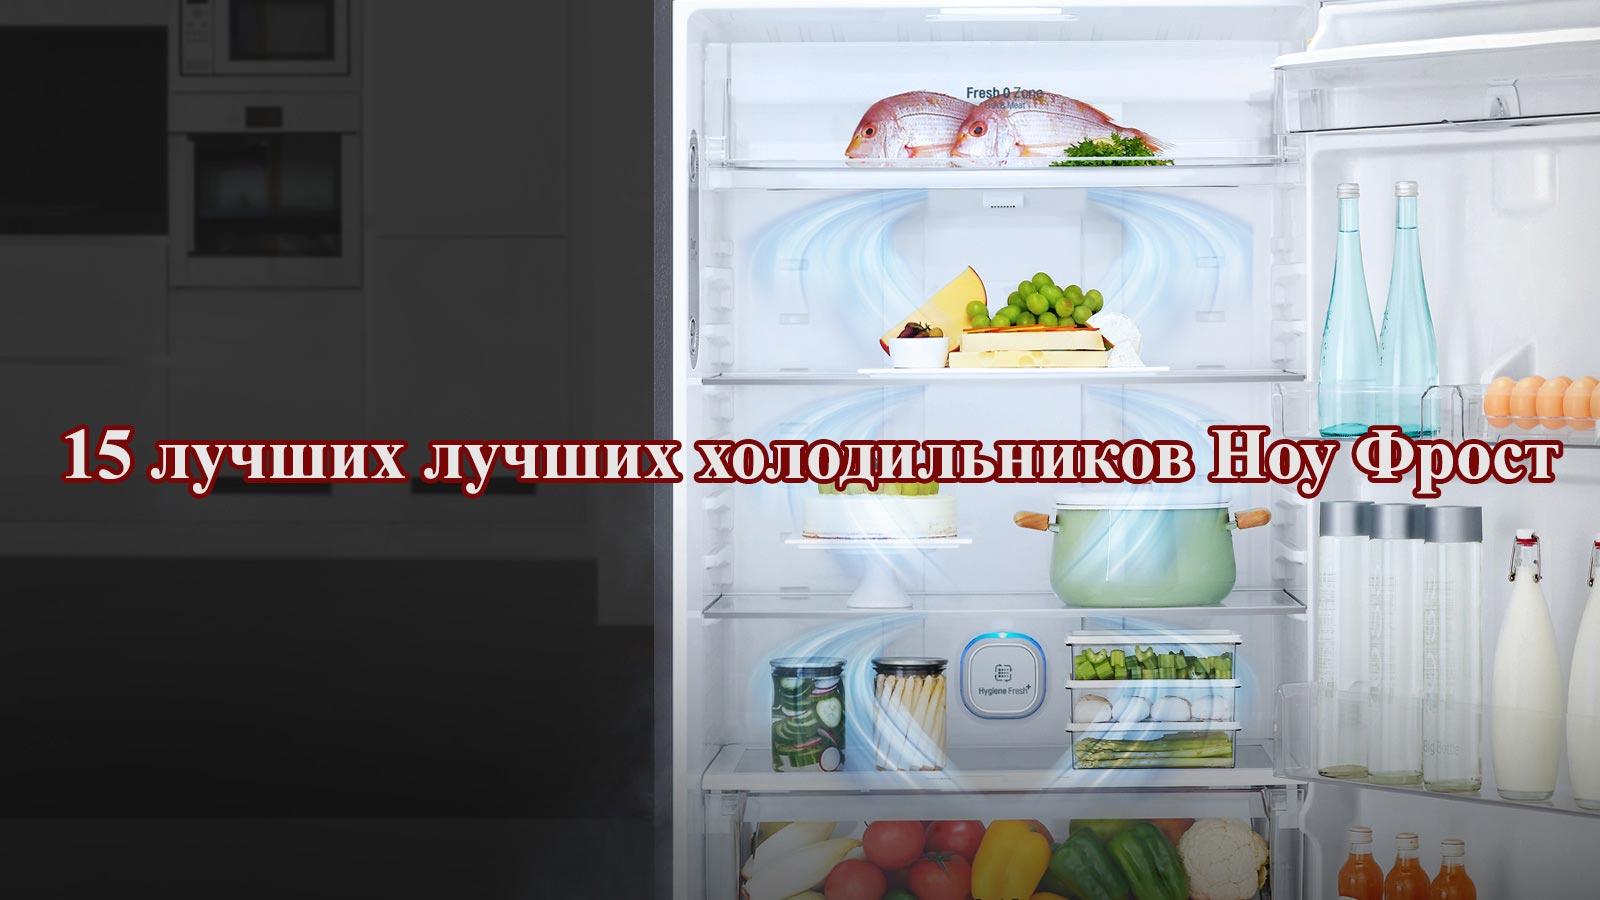 15 лучших лучших холодильников Ноу Фрост